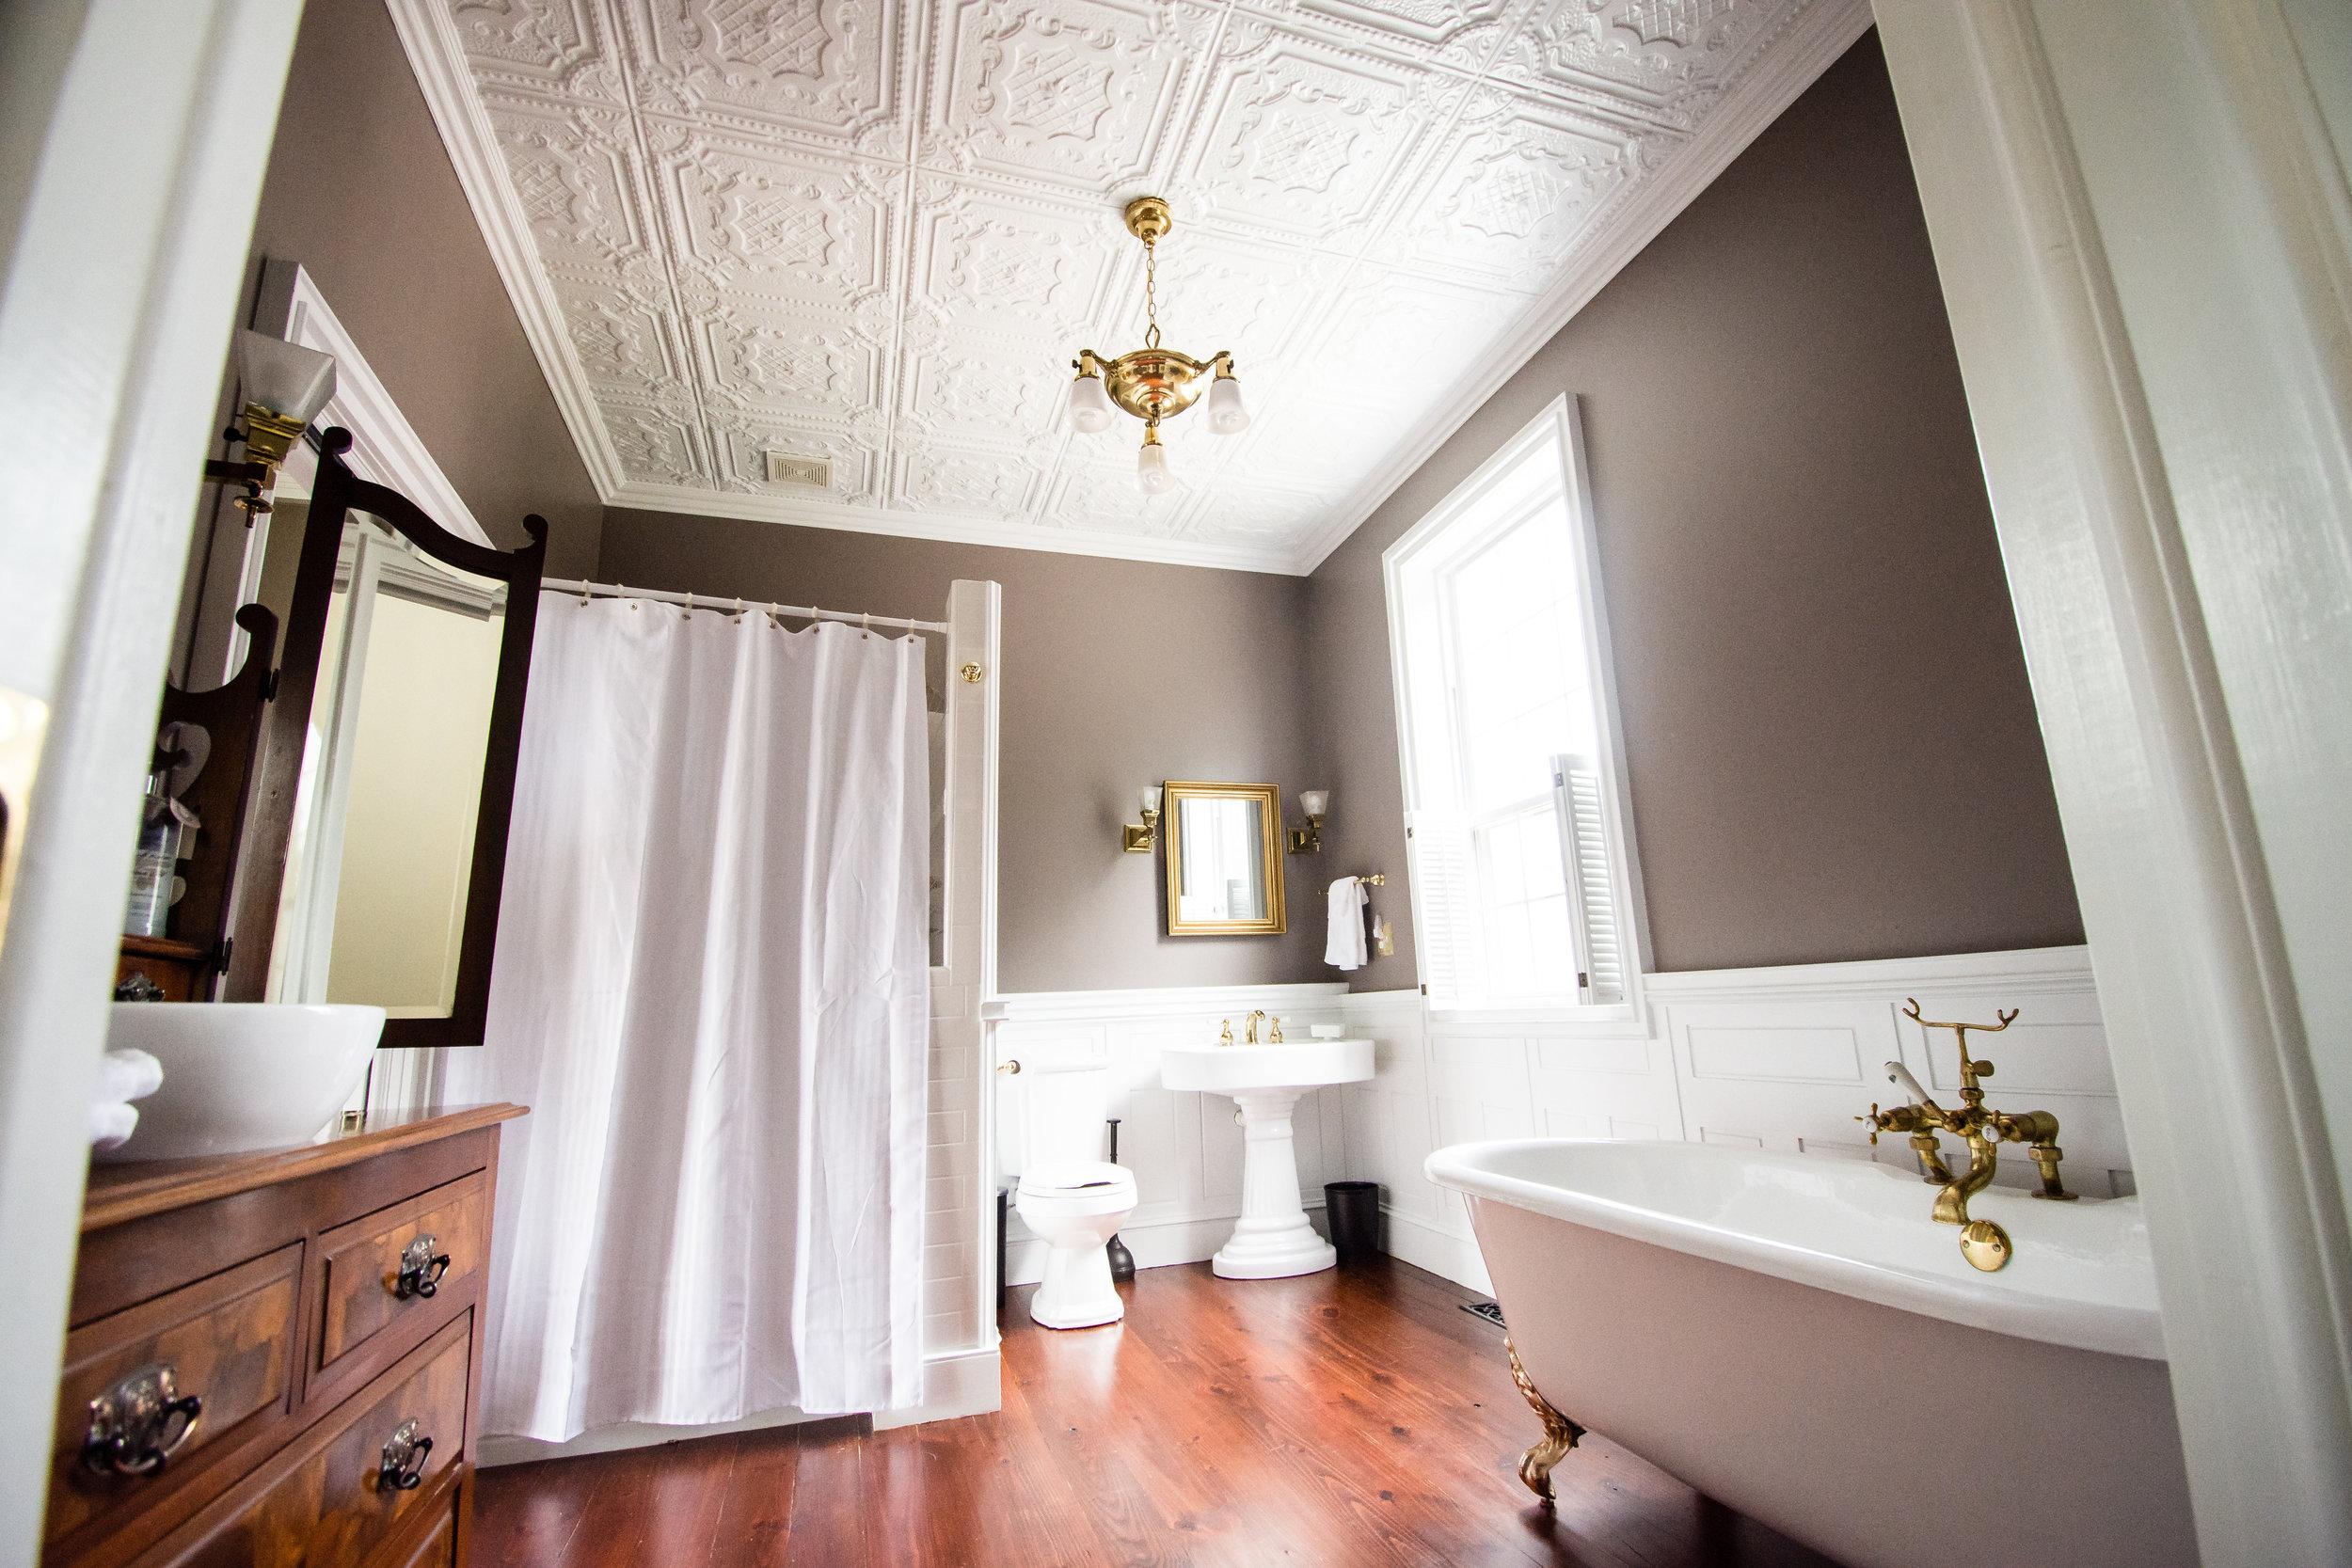 Antique Bathroom